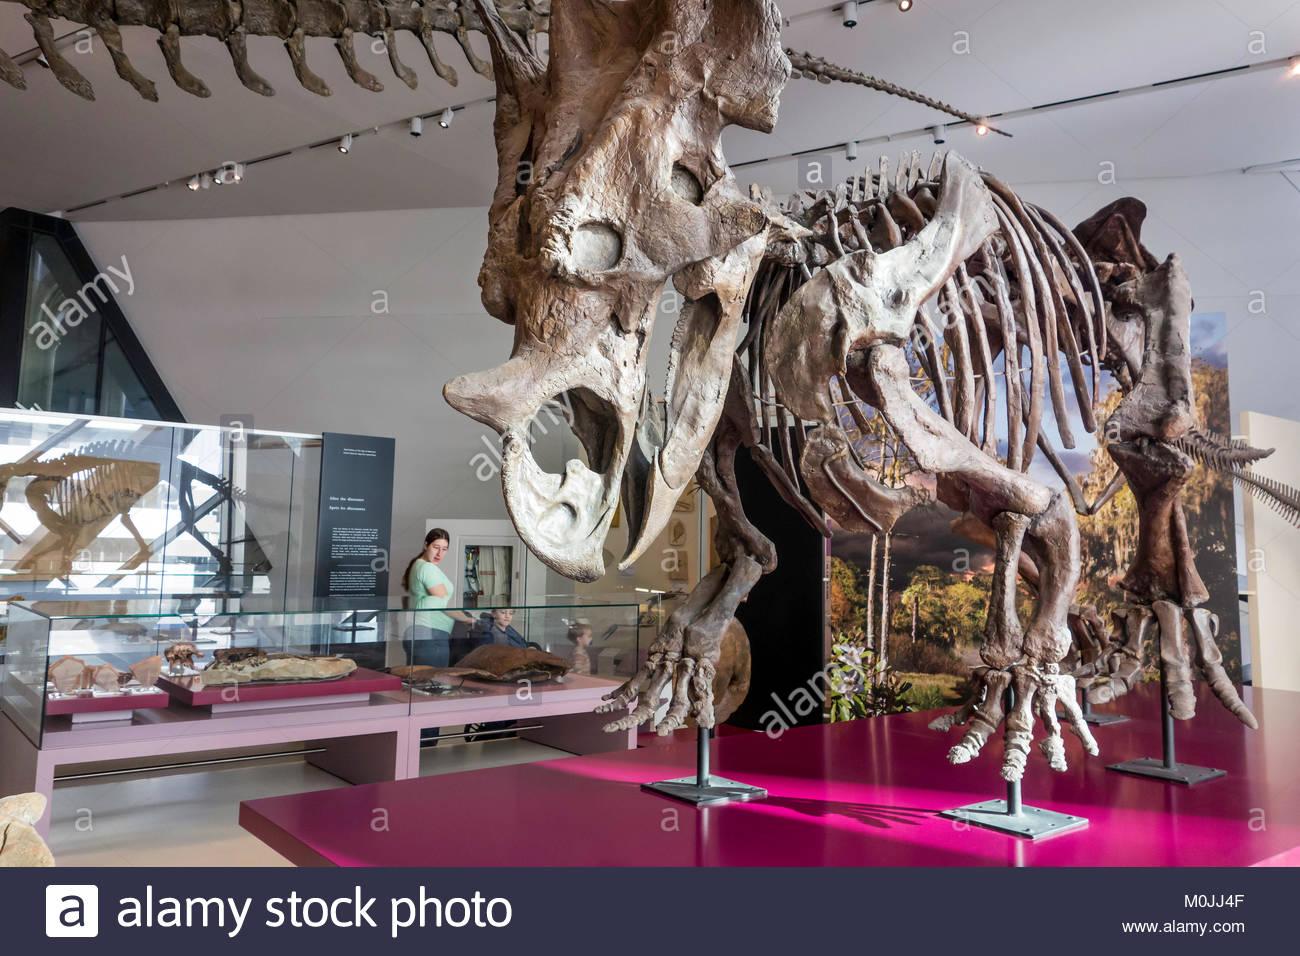 Royal Ontario Museum ROM dinosaur skeleton Toronto Ontario Canada. - Stock Image